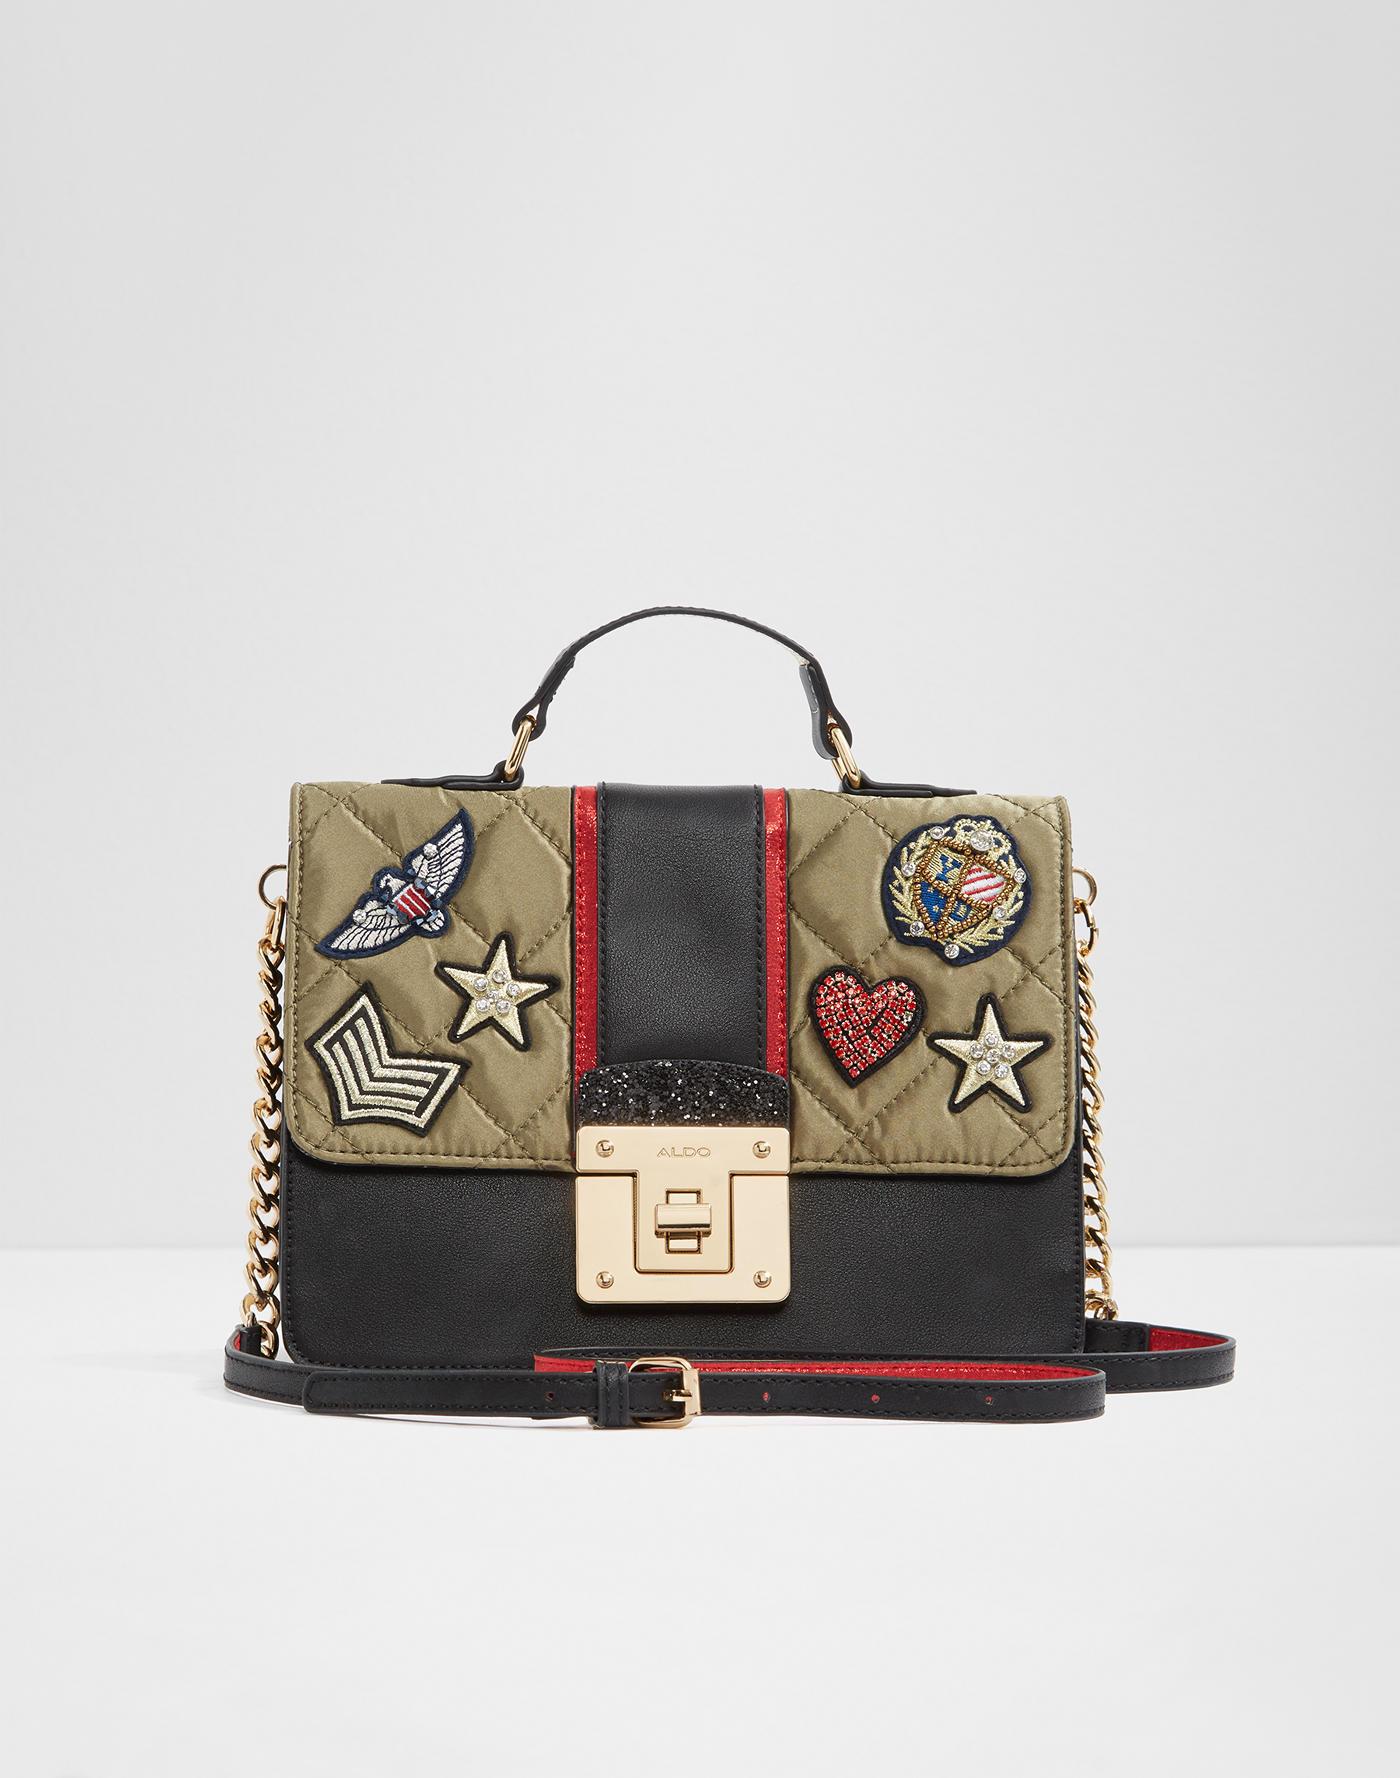 Aldo Handbags Online Canada